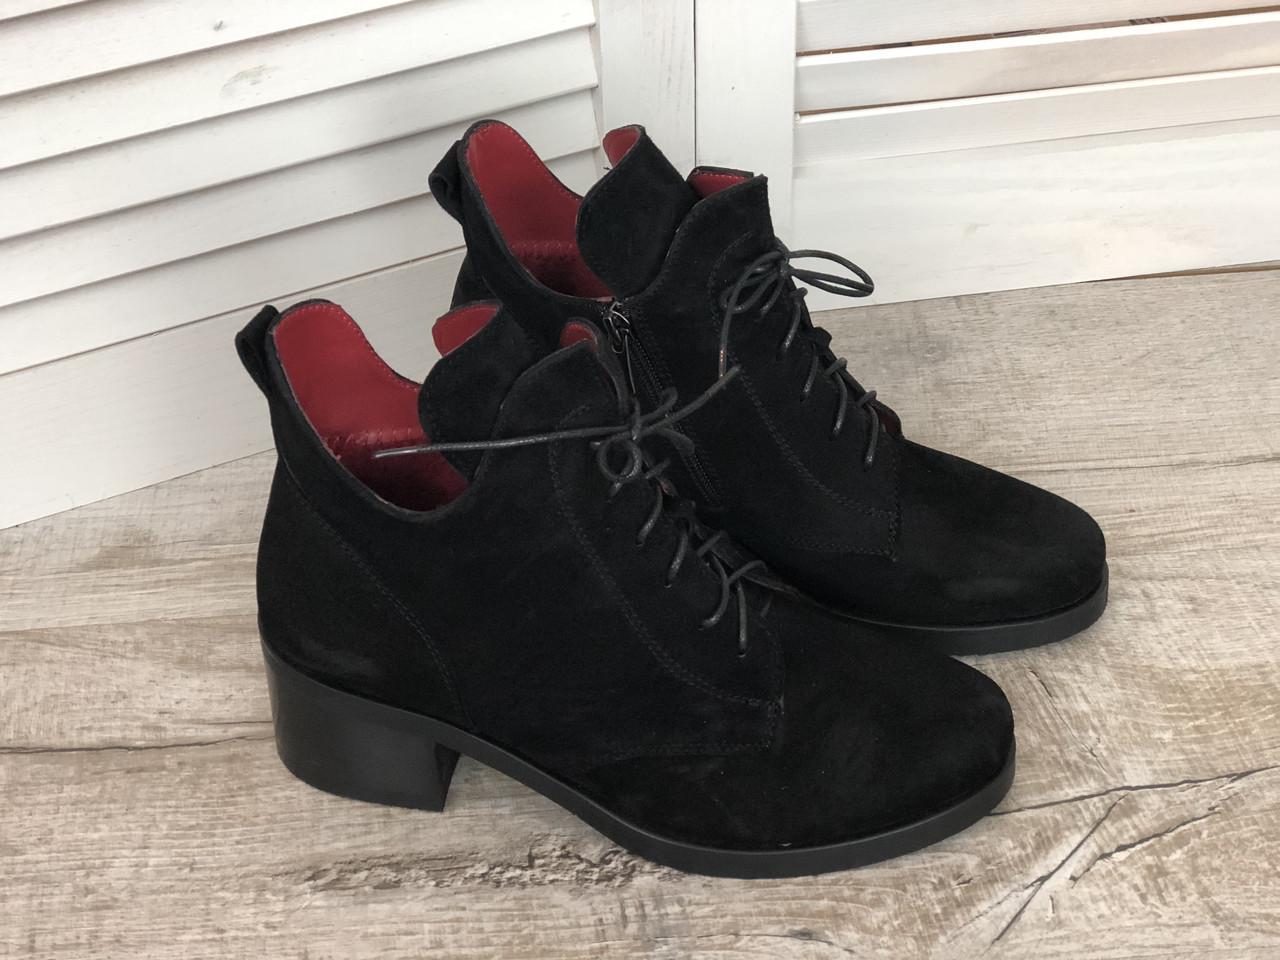 Кожаные женские ботинки Sakura ч/з размеры 36-41